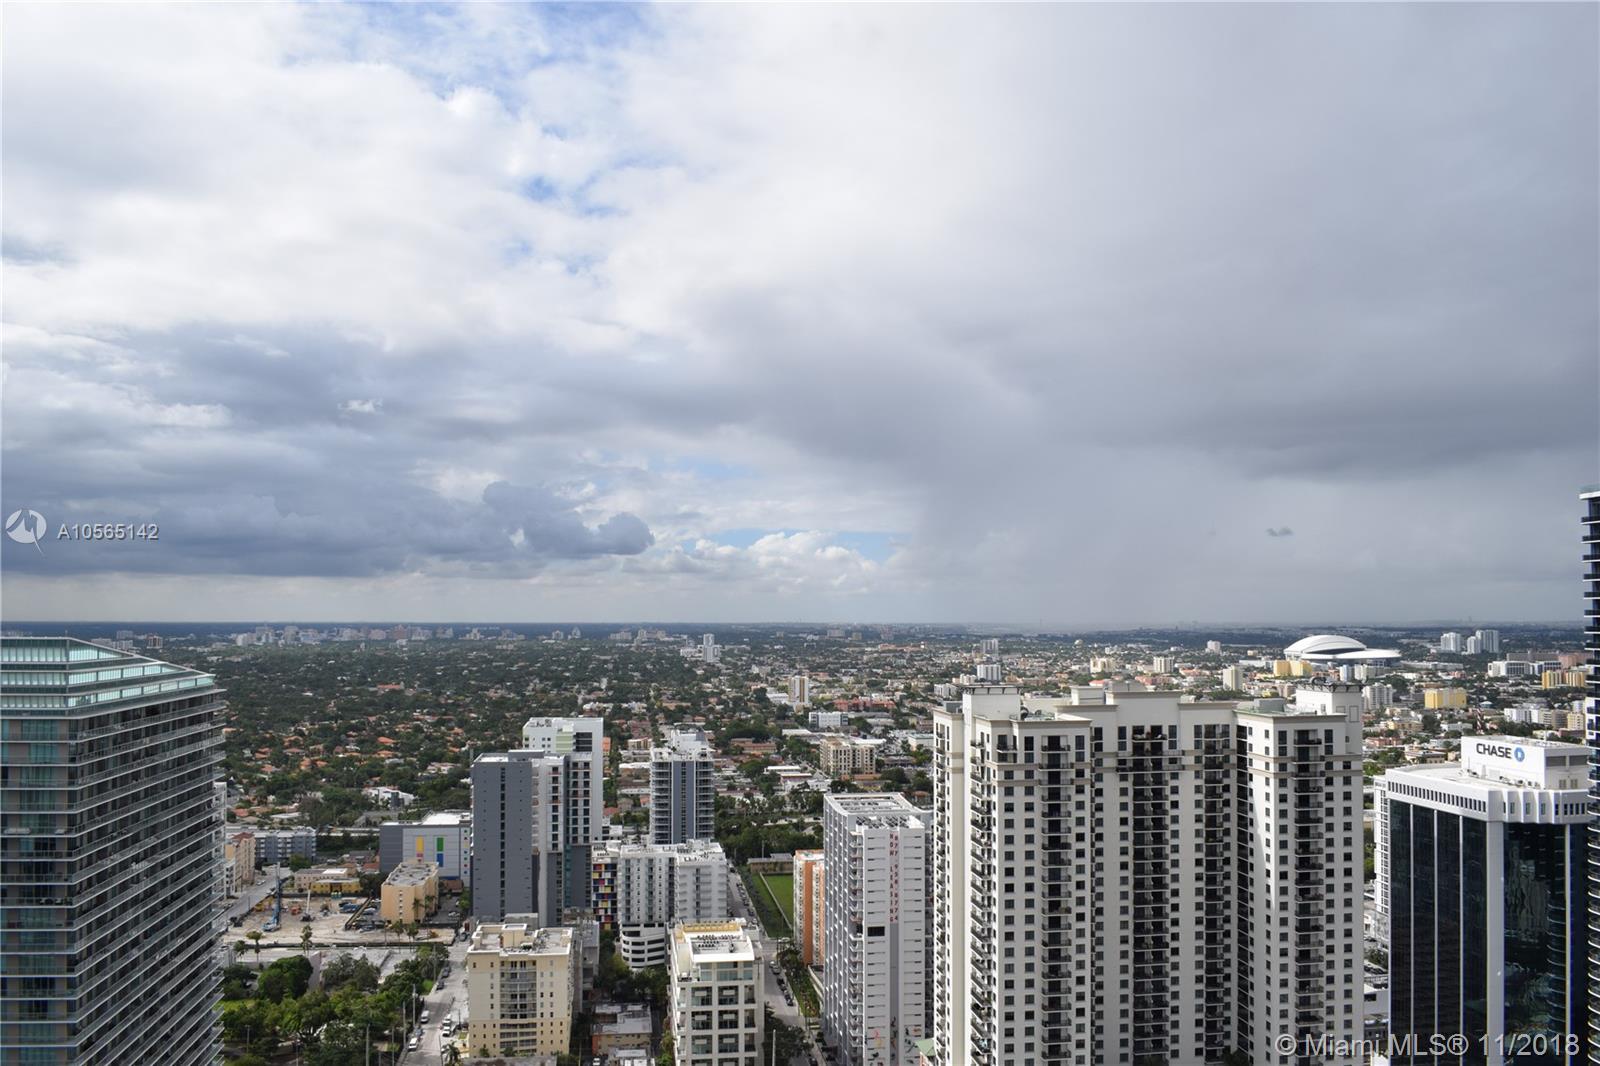 1010 Brickell Avenue, Miami, FL 33131, 1010 Brickell #4308, Brickell, Miami A10565142 image #9